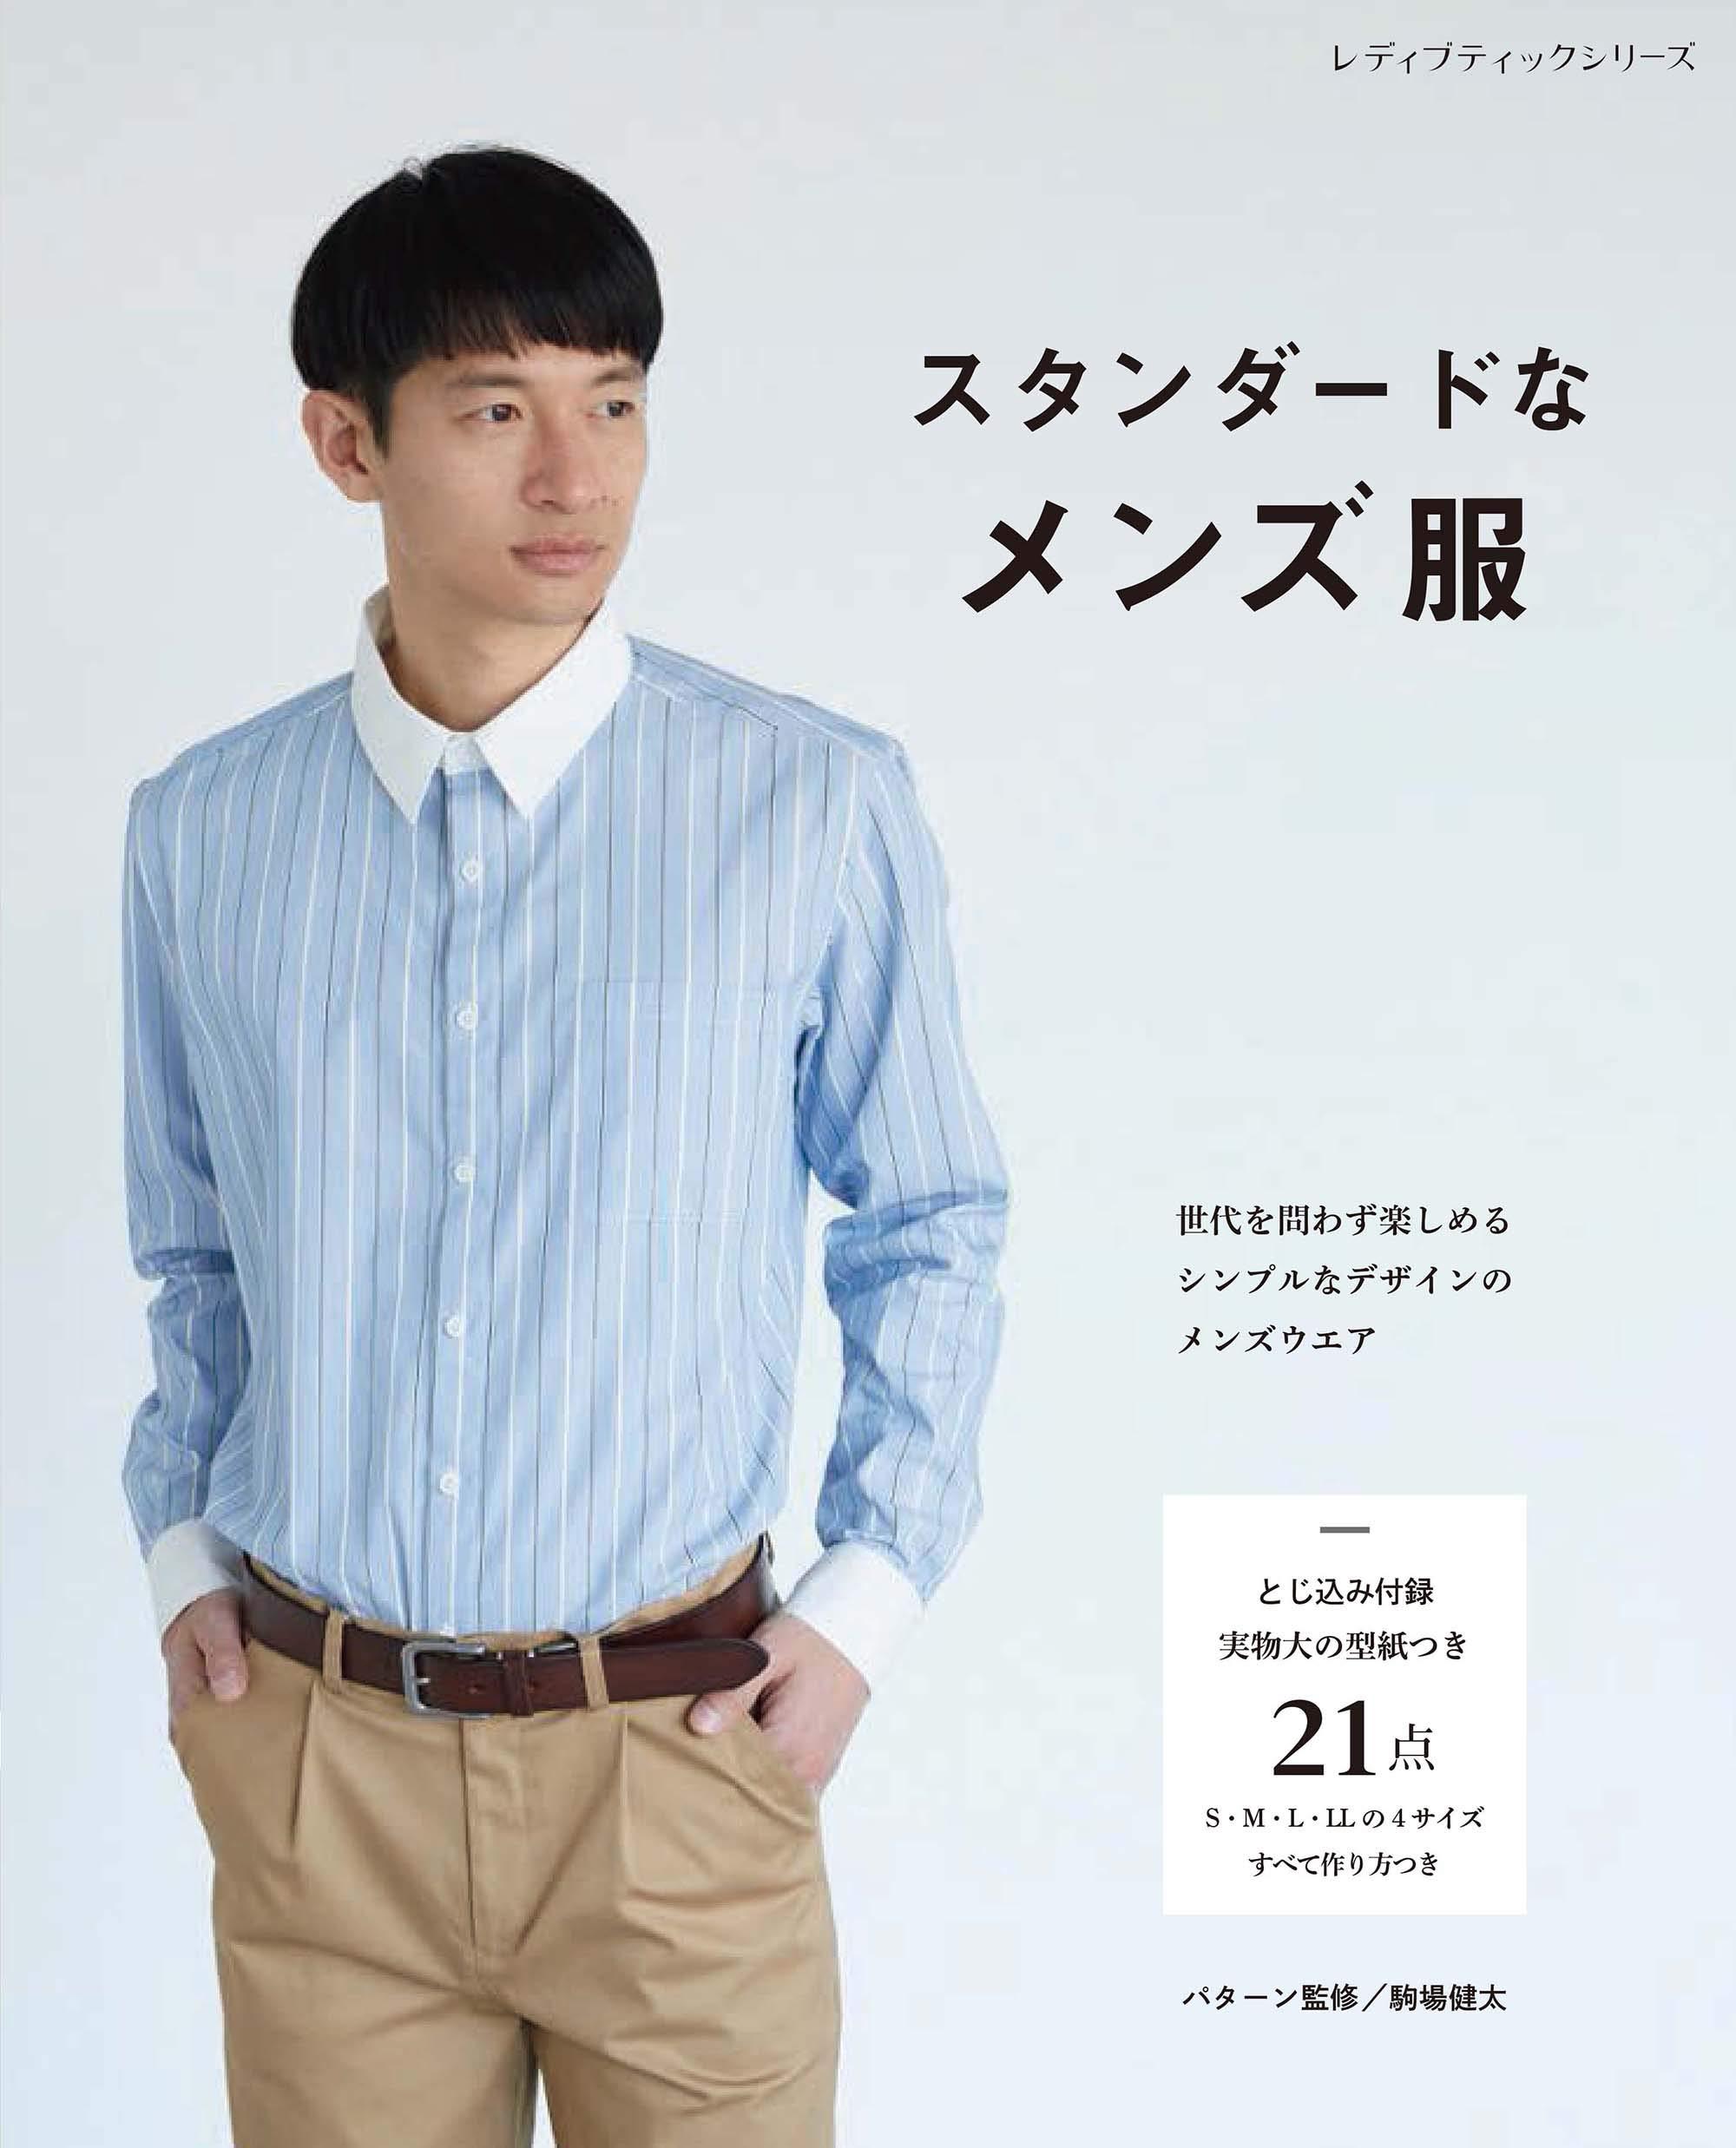 スタンダードなメンズ服 (レディブティックシリーズno.4965)    本 ...